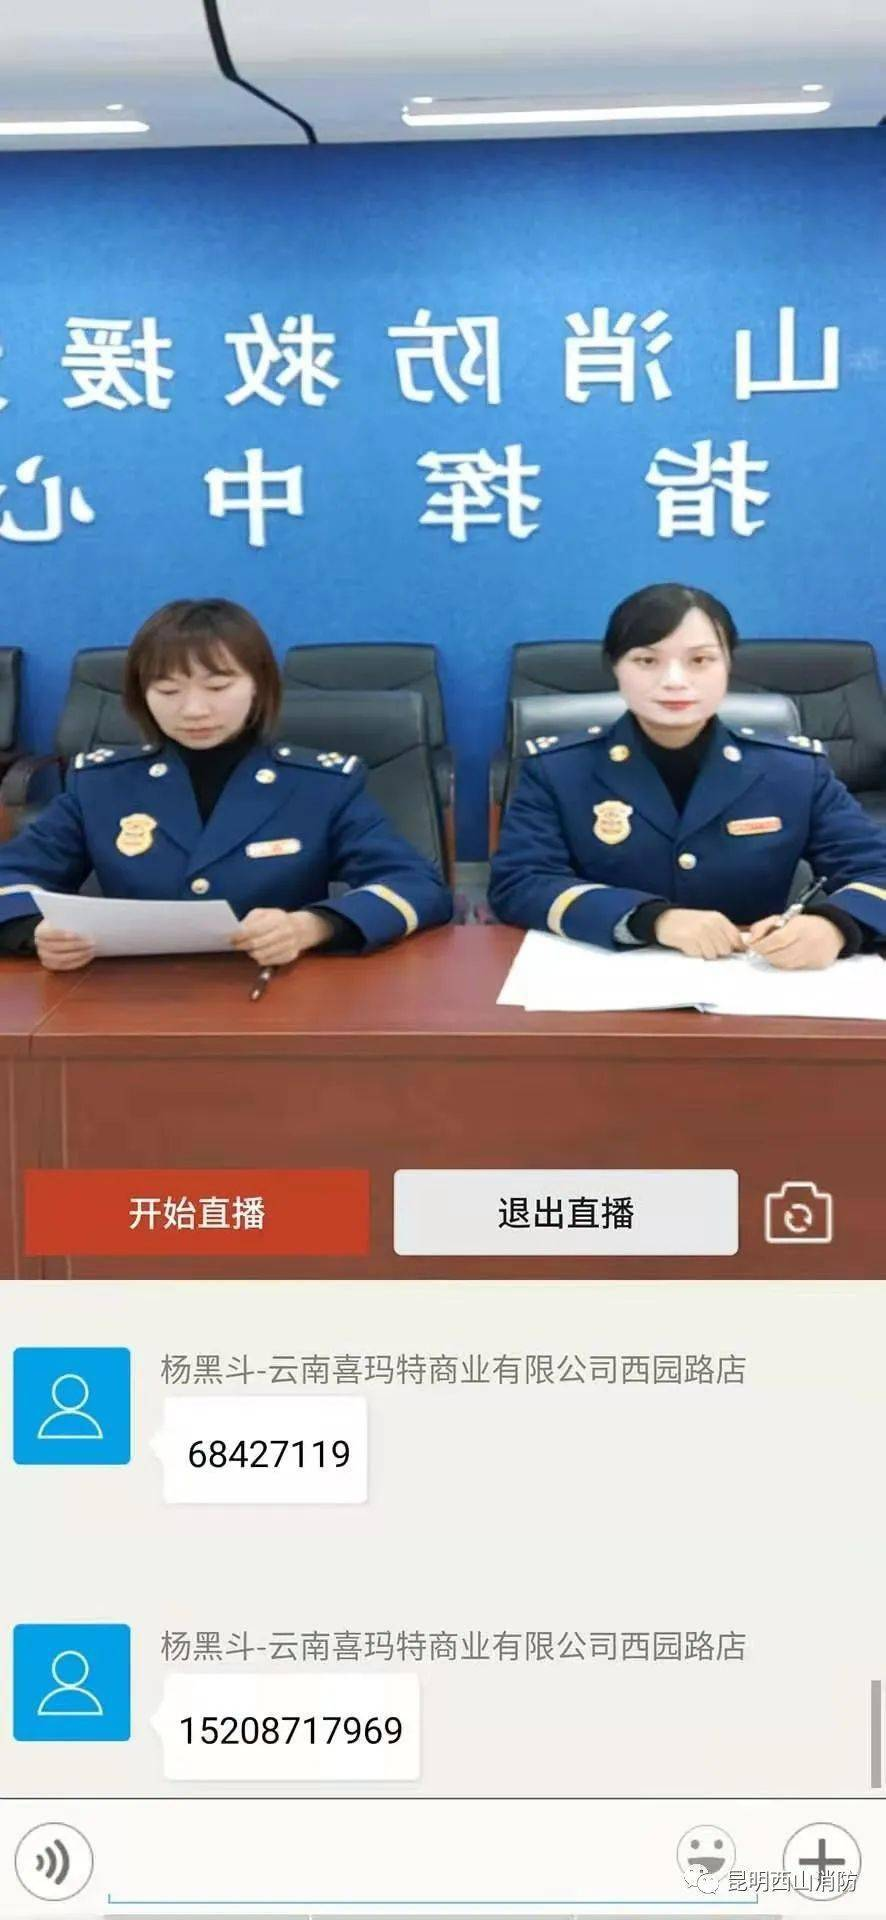 线上集中宣贯学习《云南省消防条例》